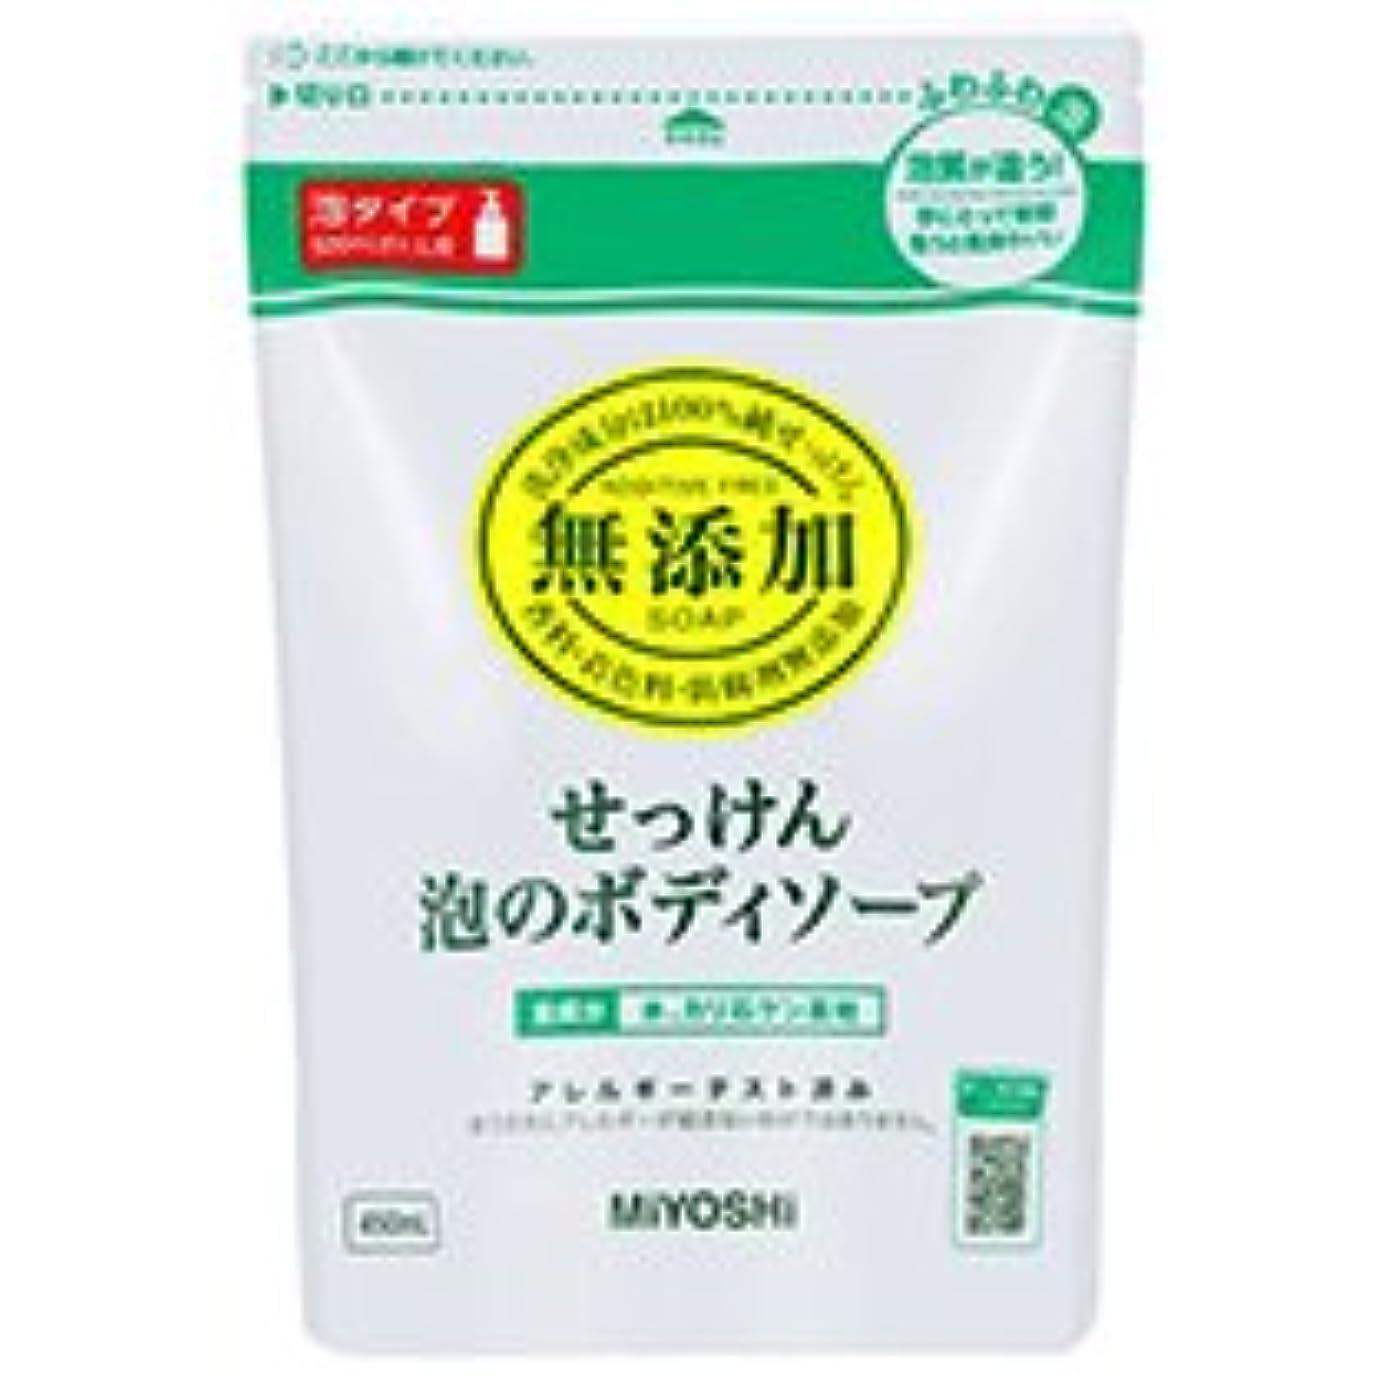 発送ご注意毒ミヨシ石鹸 無添加せっけん 泡のボディソープ 詰替用 450ml 1個